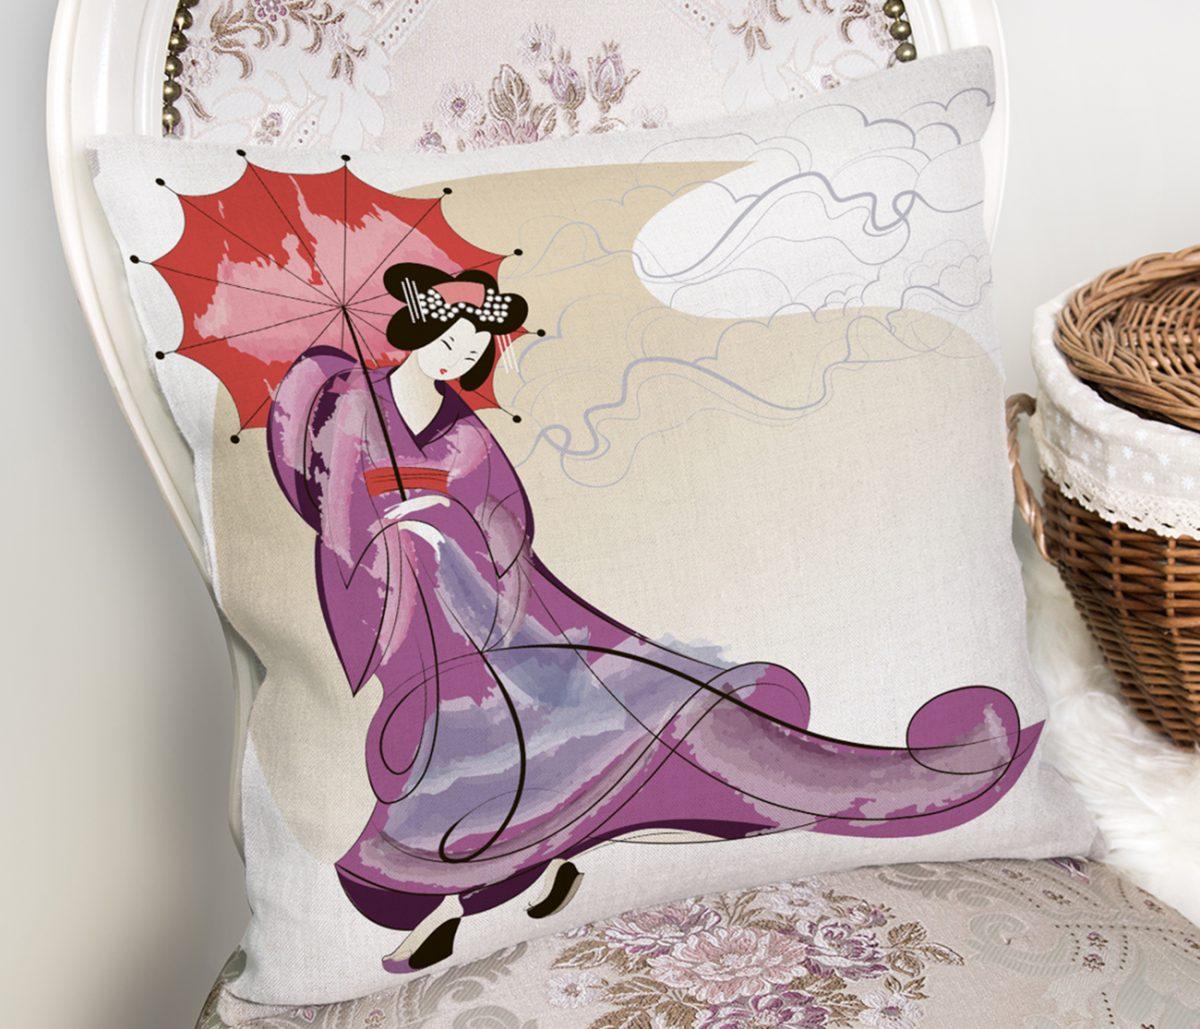 Mor Elbiseli Kırmızı Şemsiyeli Japon Kadın Desenli Modern Kırlent Kılıfı Realhomes